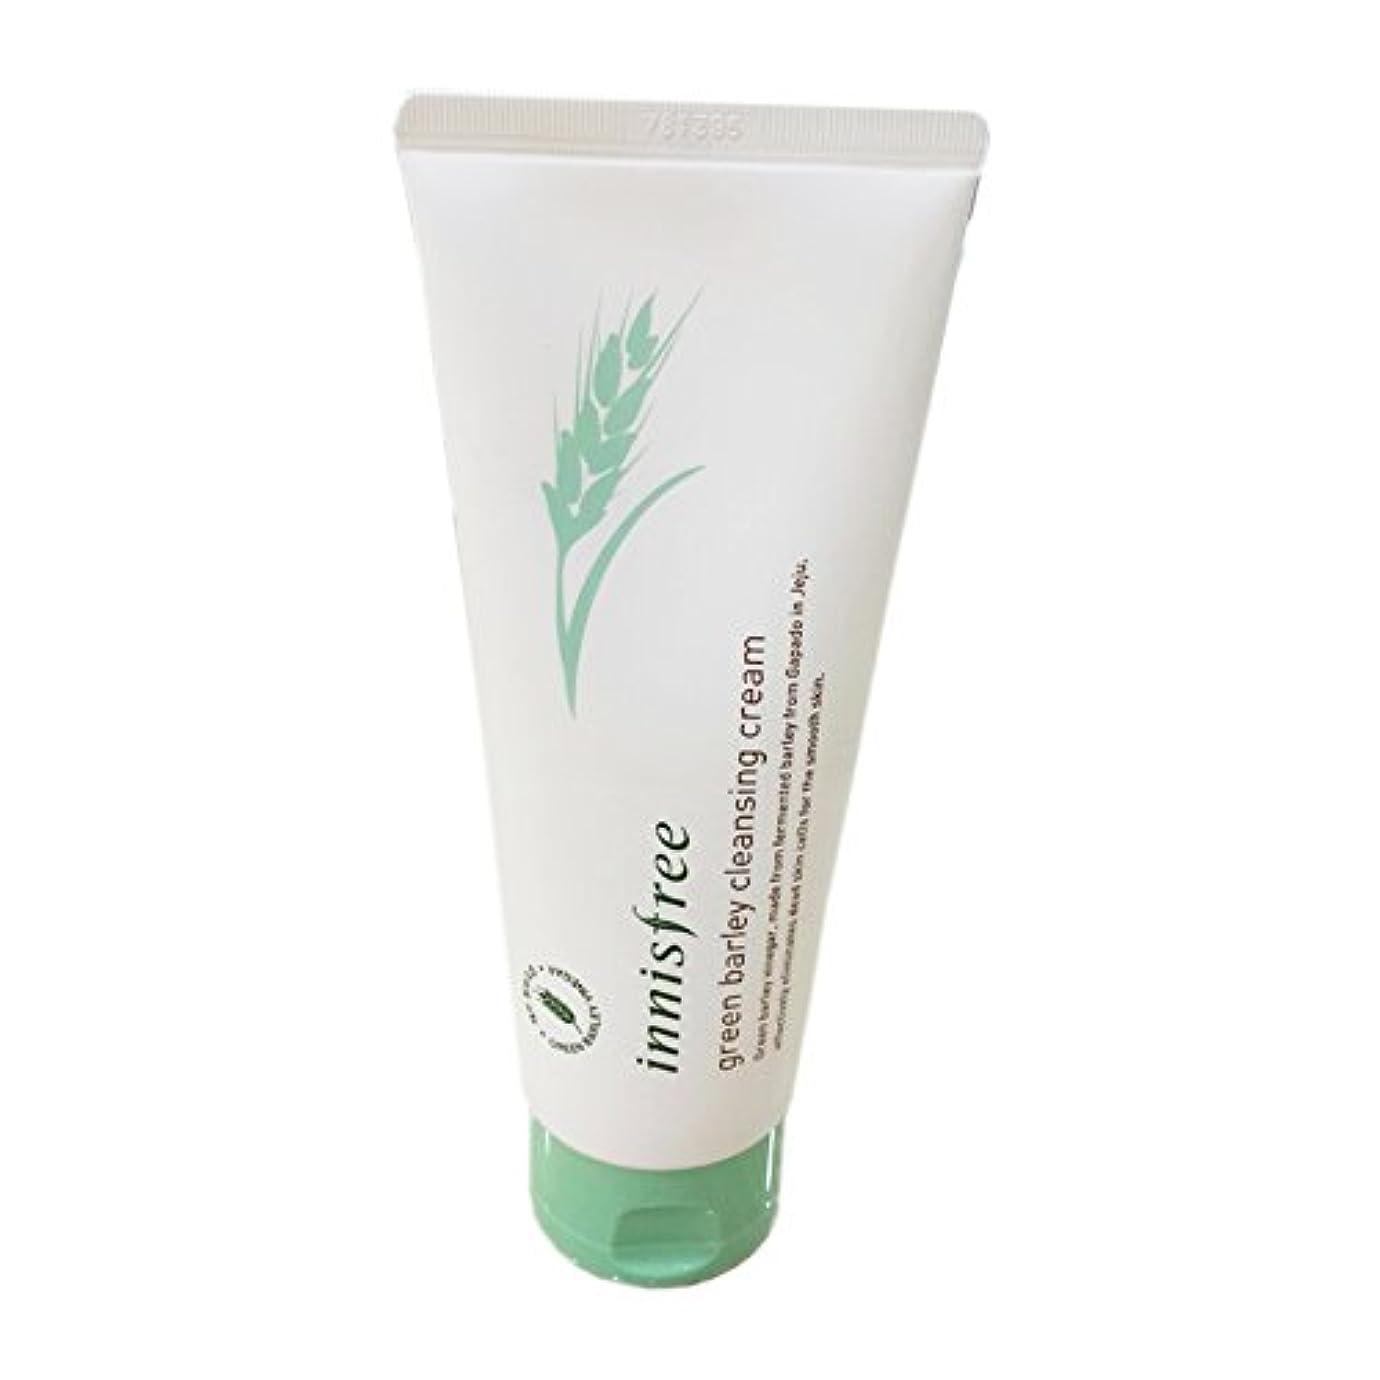 見捨てられた暫定構想する[イニスフリー] Innisfree 青麦クレンジングクリーム (150ml) Innisfree Green Barley Cleansing Cream (150ml) [海外直送品]